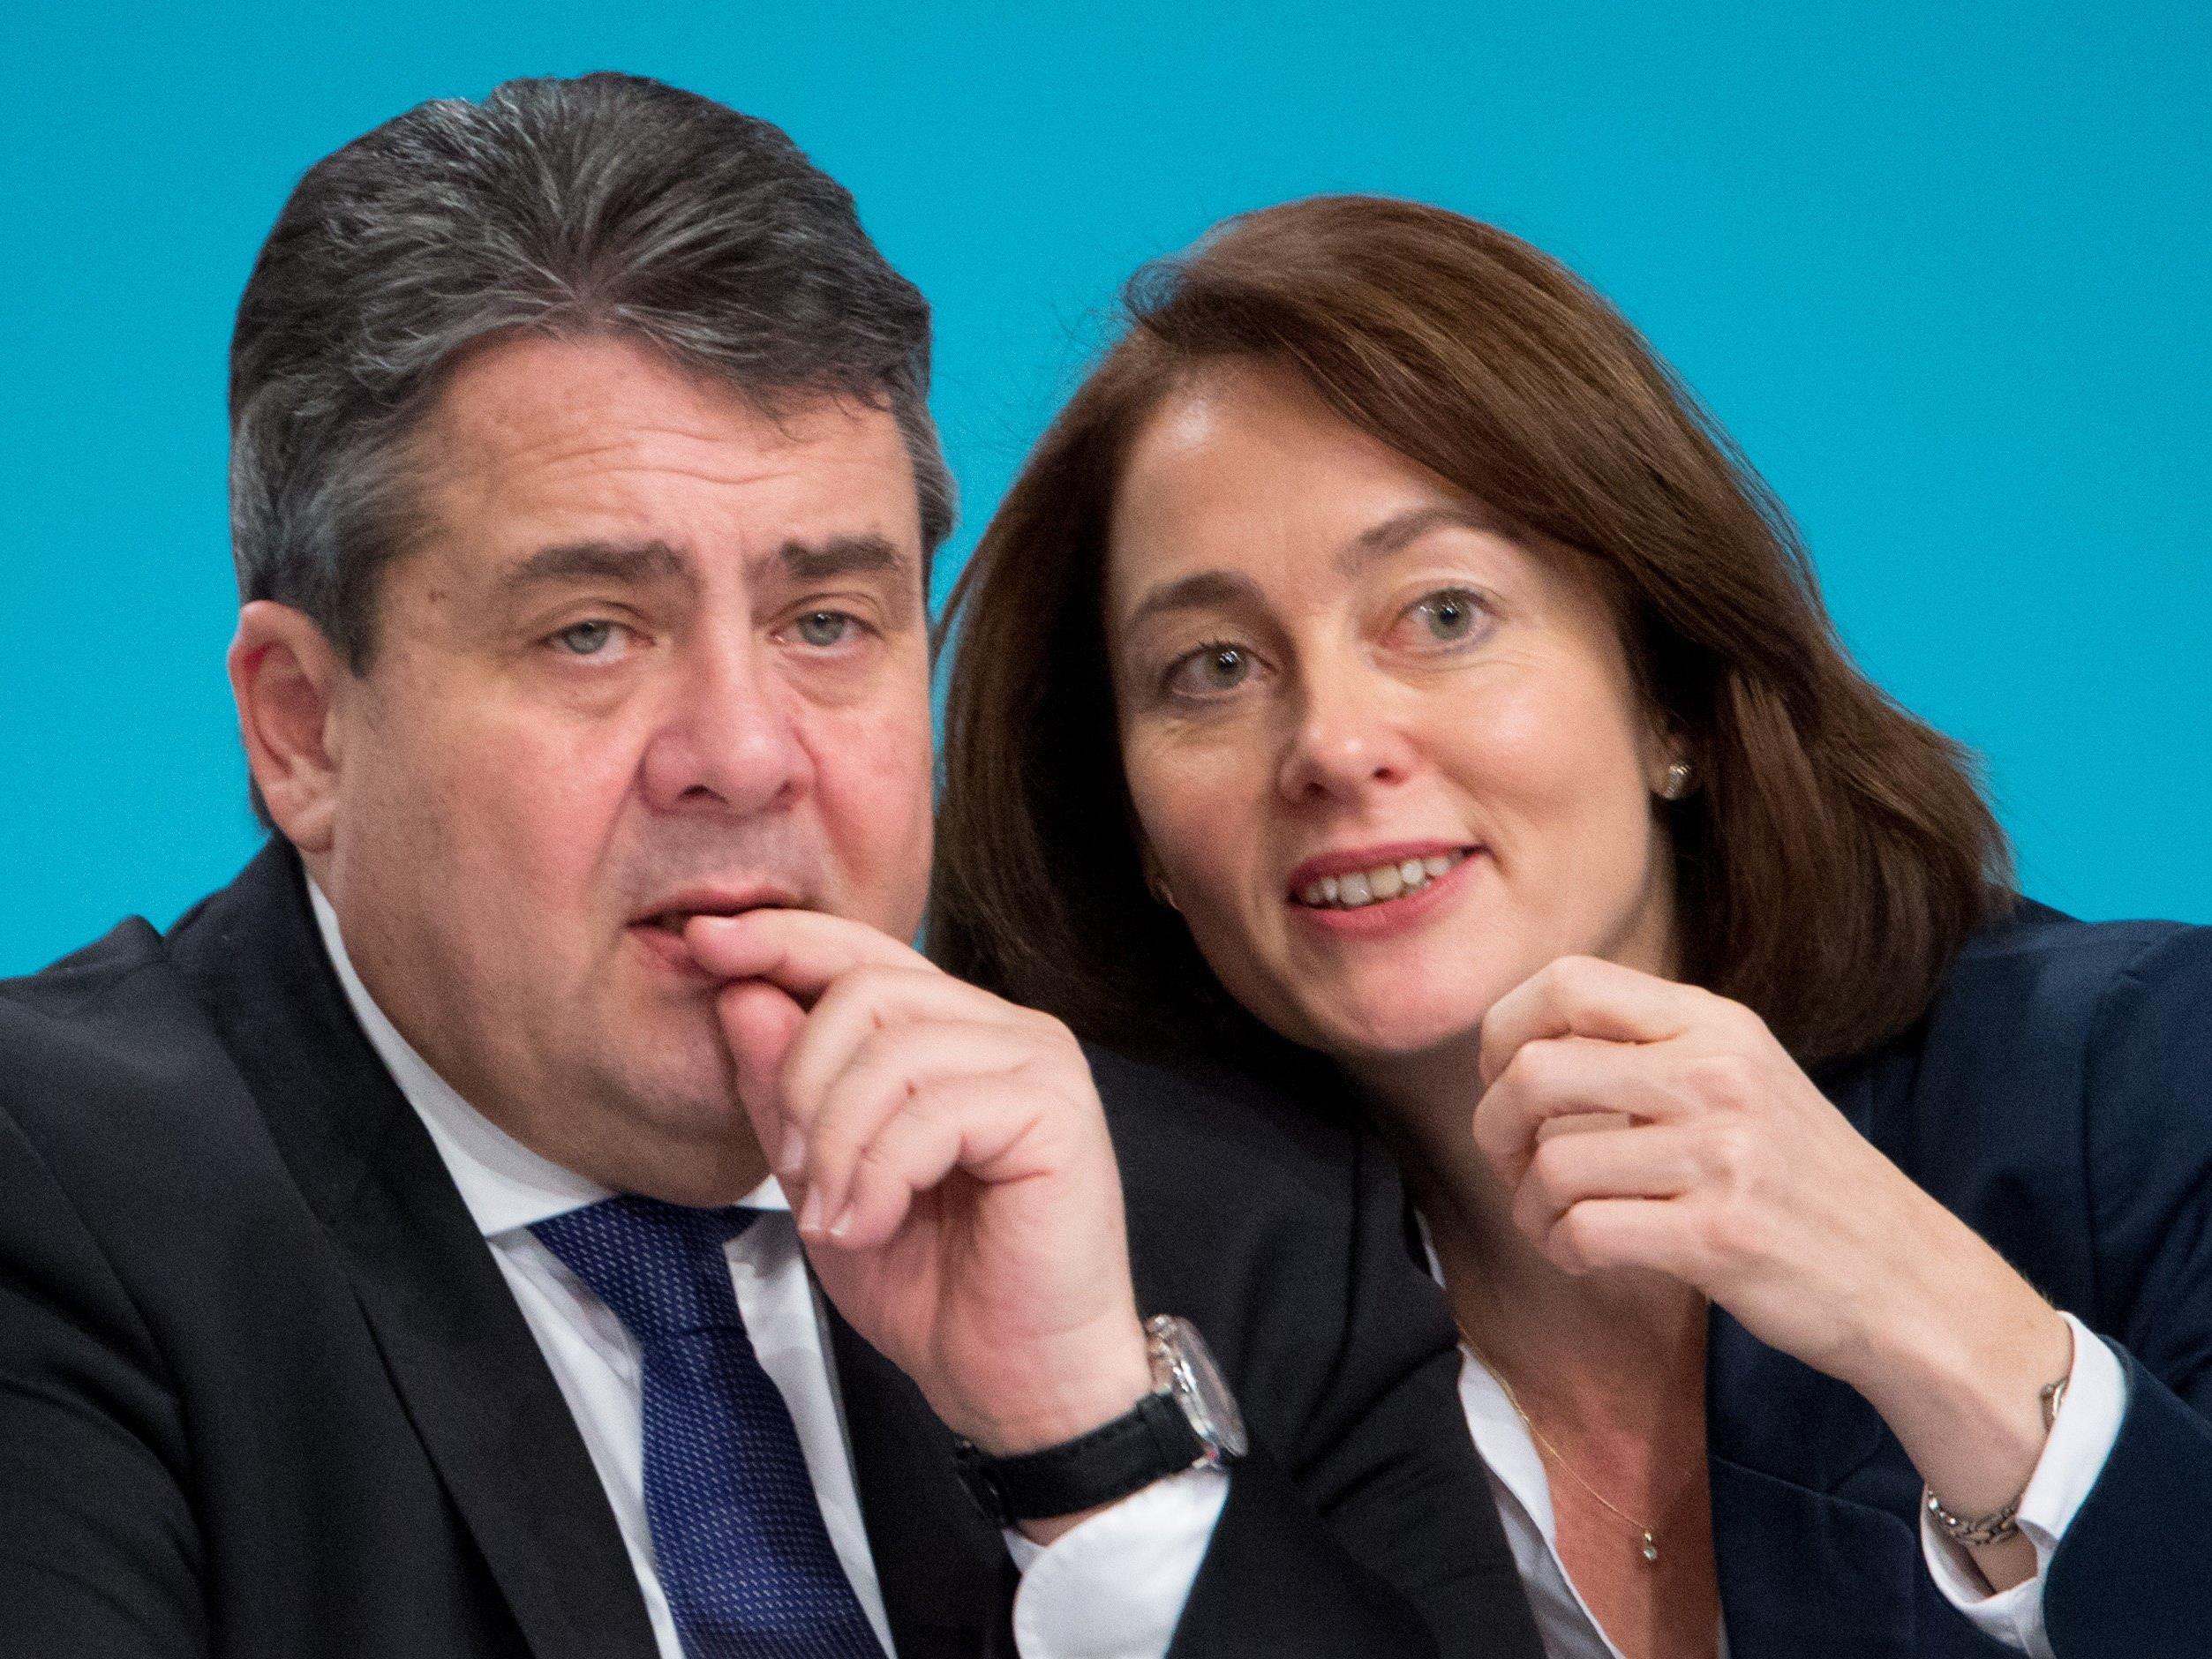 Gabriel, Barley: Der SPD-Parteivorsitzende machte den Auftakt zur Hofer-Kritik.